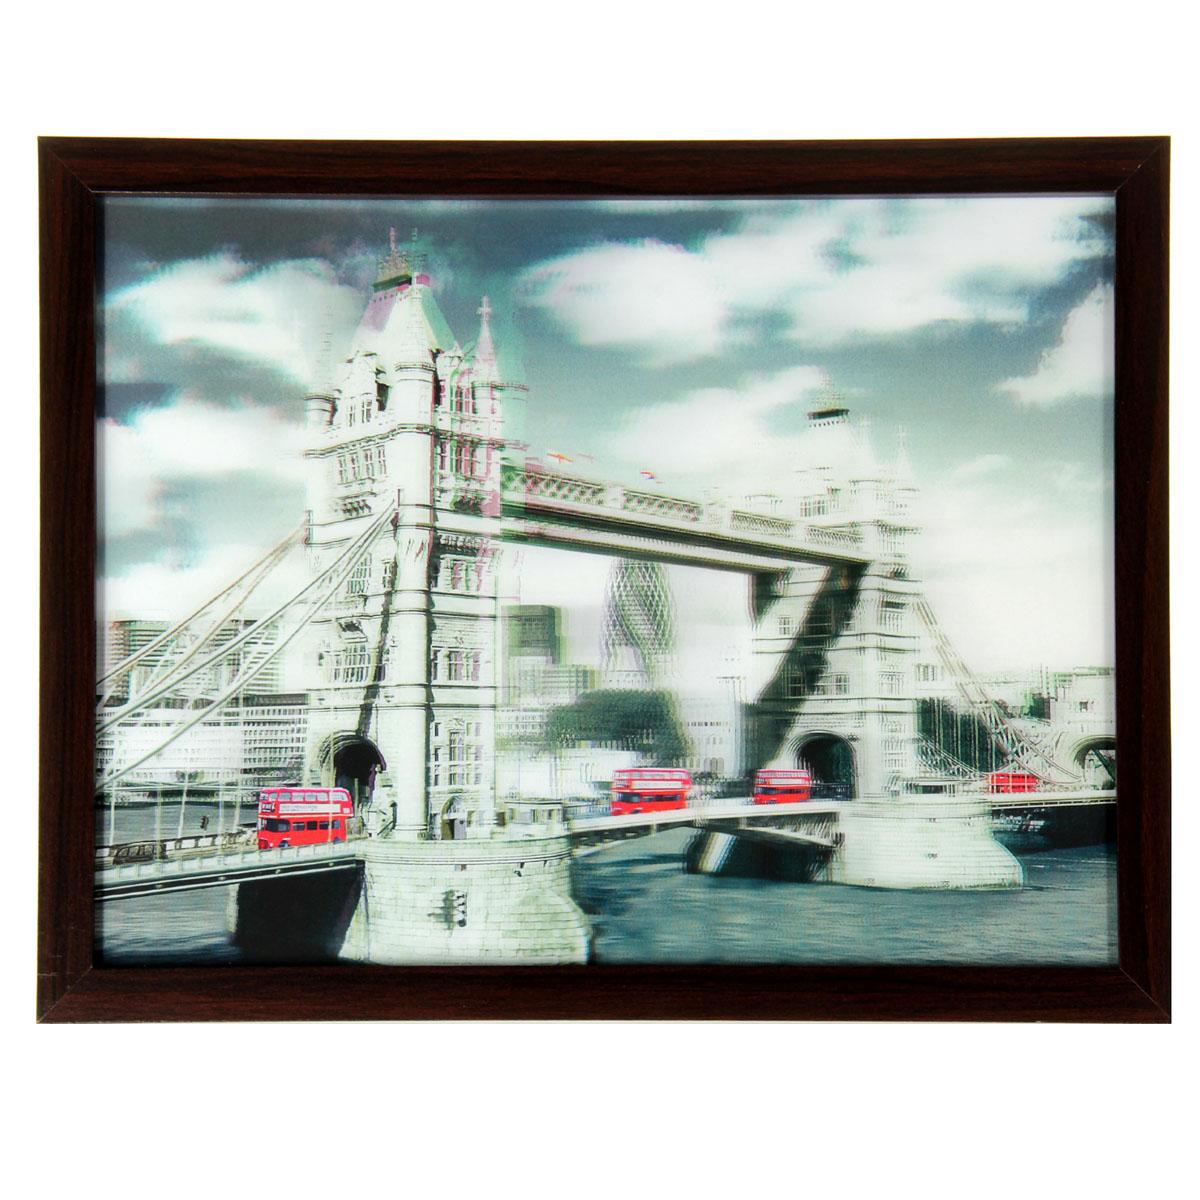 Картина объемная Sima-land Лондонский мост, 30 х 40 смБрелок для сумкиЦветовая гамма и интерьер влияют на настроение каждого, именно поэтому так важны детали, которые нас окружают. Знатоки интерьерных решений стараются применять самые разнообразные решения при художественном оформлении внутреннего пространства и использовать все возможные материалы. Картина объемная Sima-land Лондонский мост - это хорошее решение для интерьера по выгодной цене.